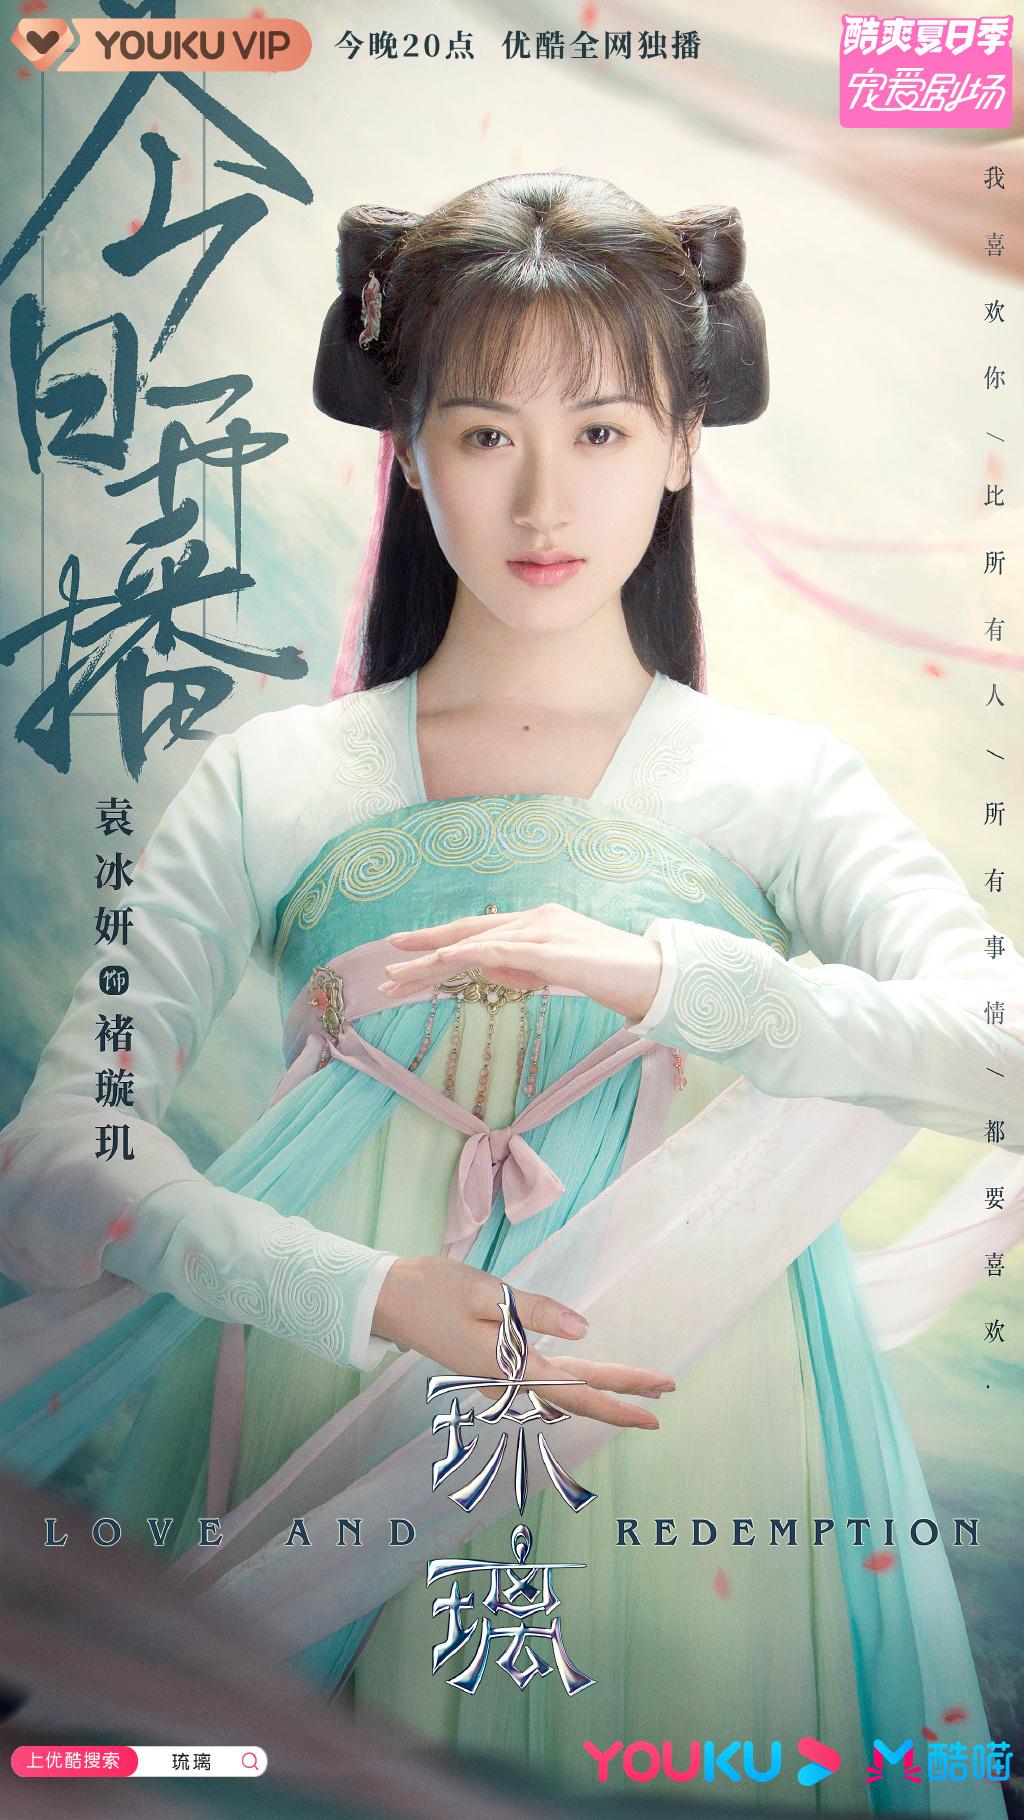 袁冰妍、成毅、刘学义、张予曦等主演的琉璃美人煞今日开播